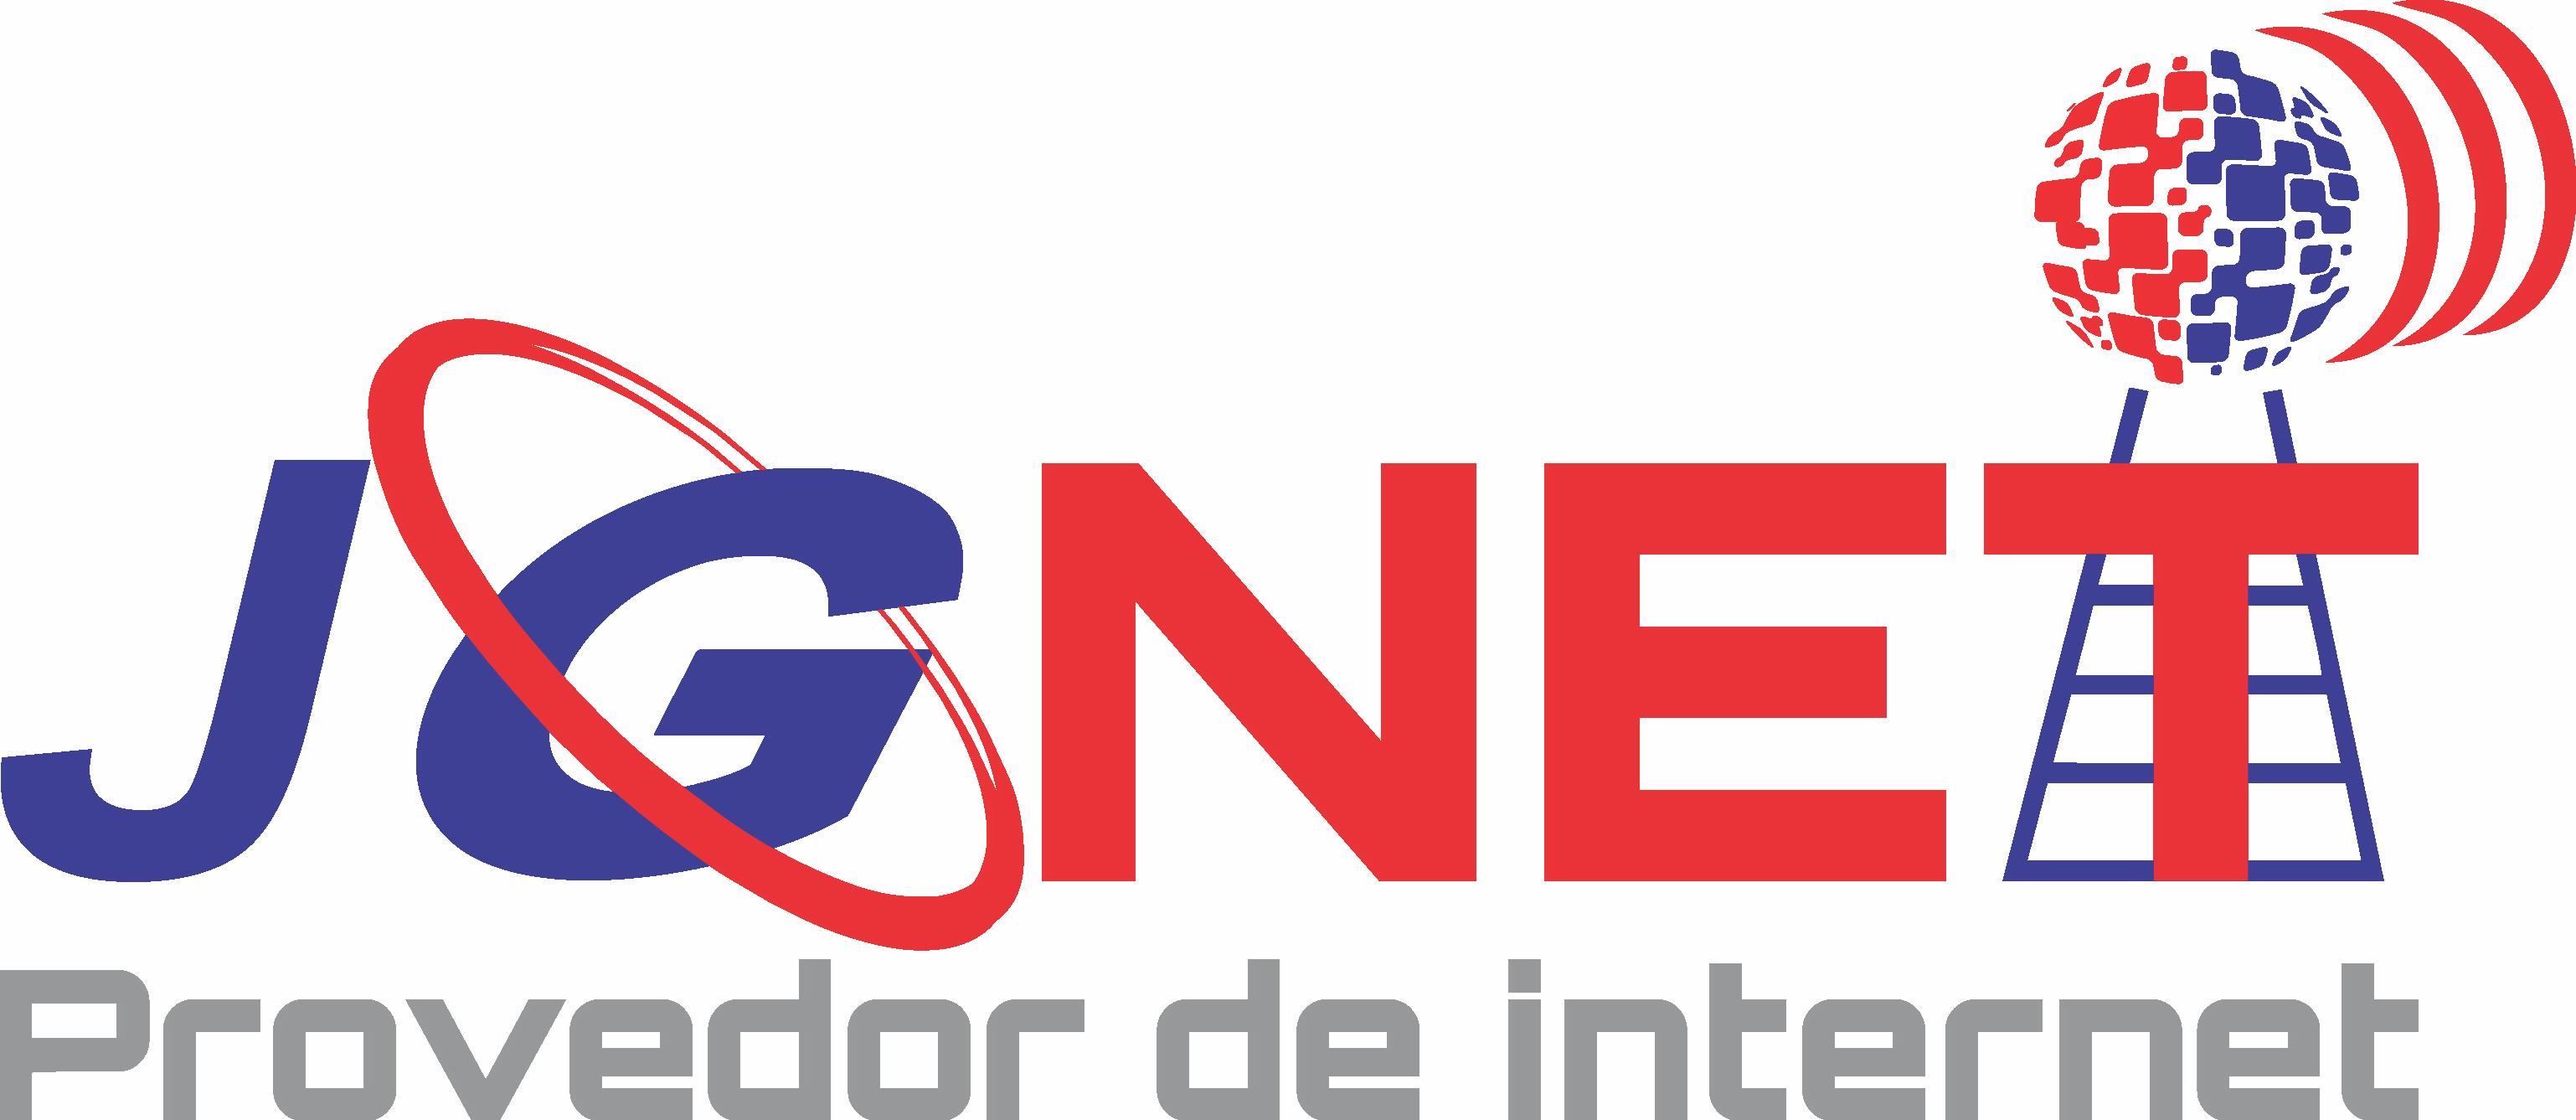 Logo JGNet